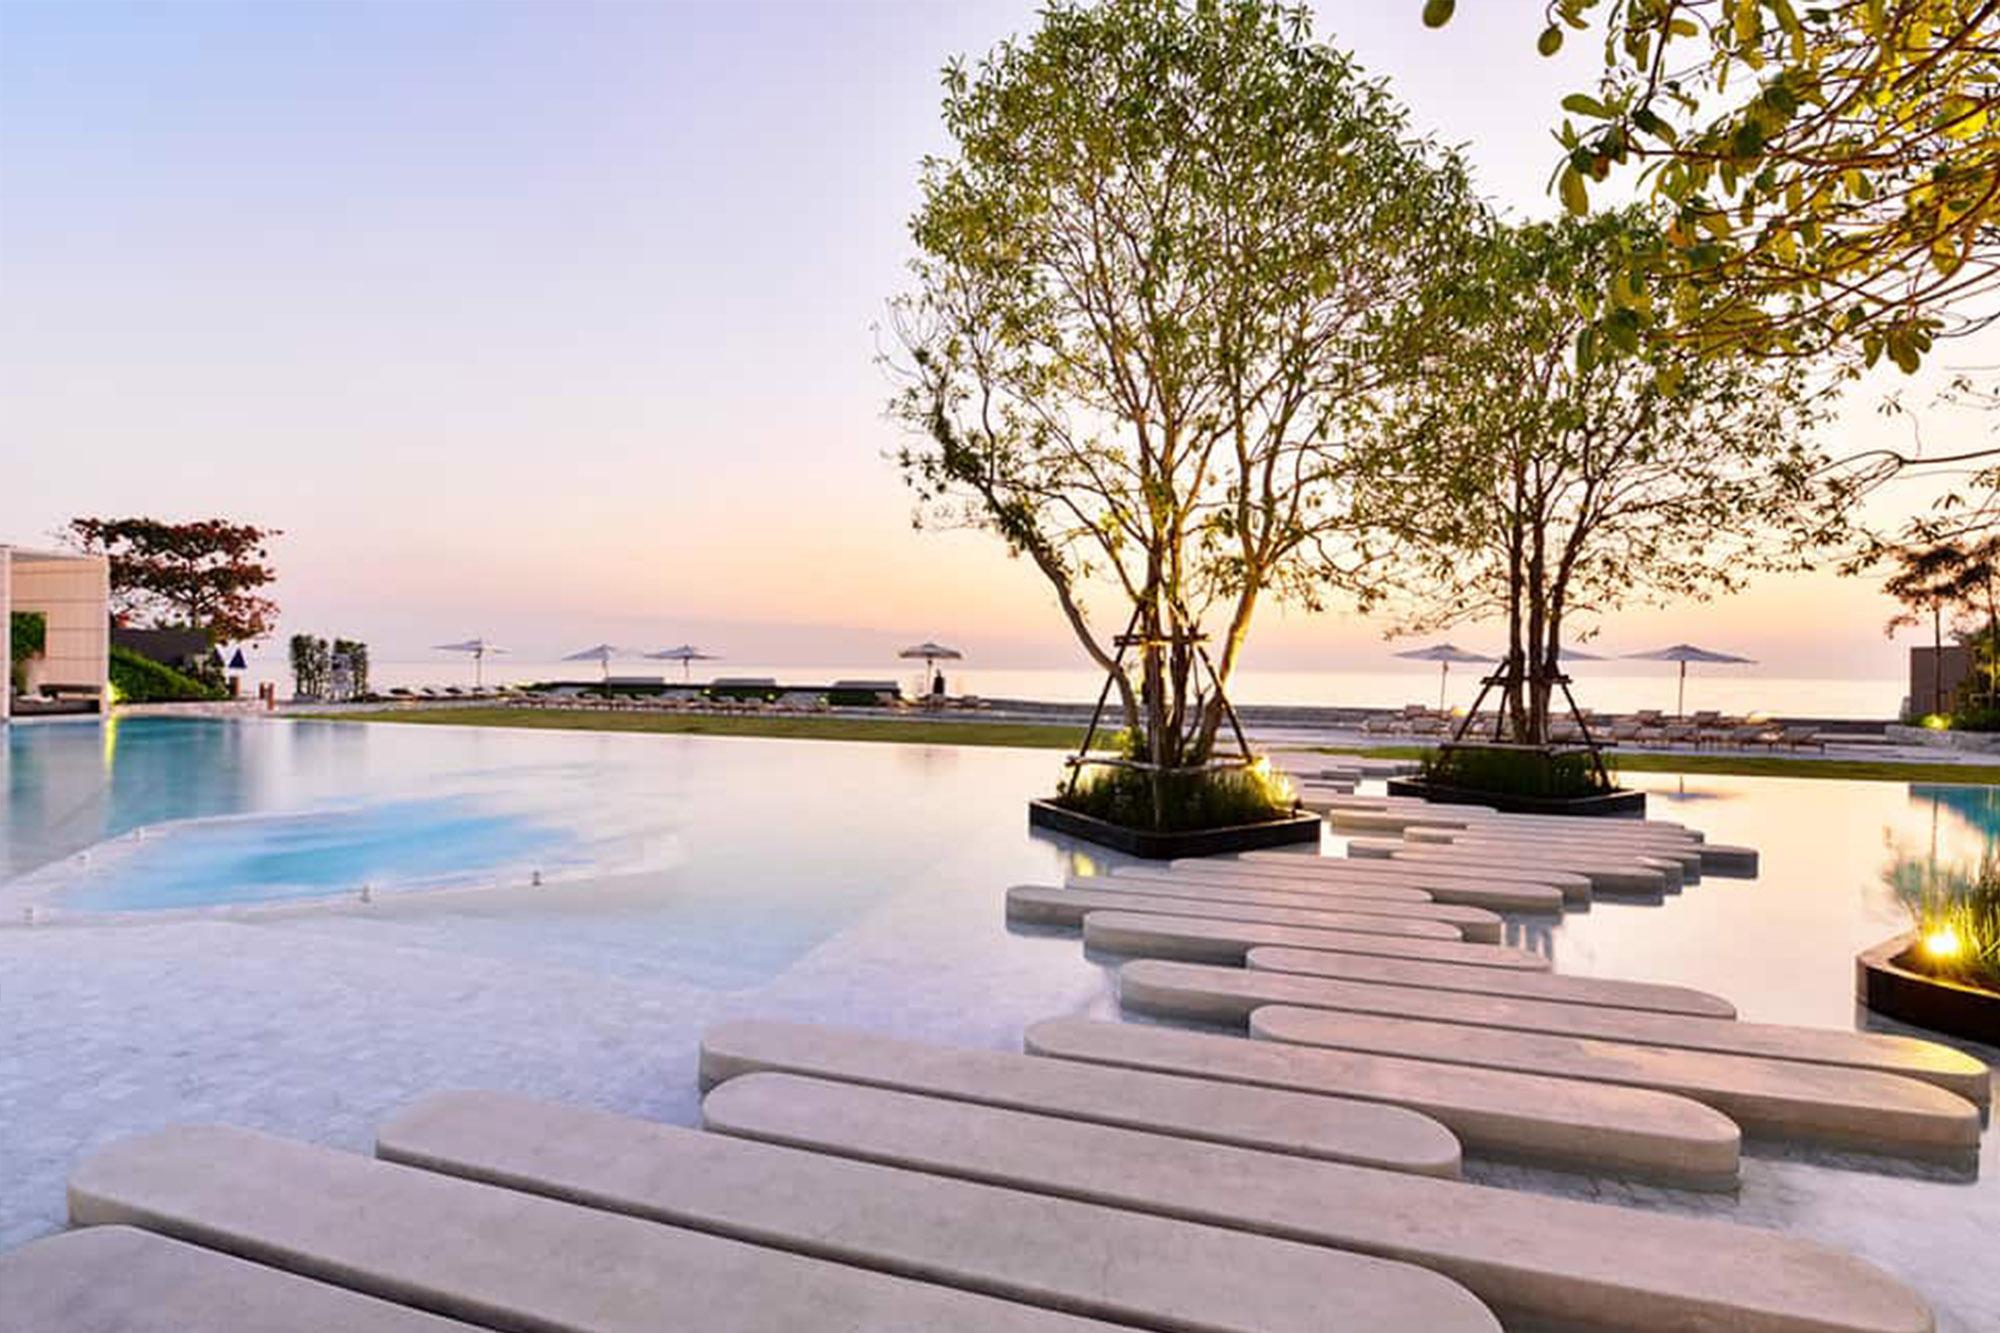 索菲特芭堤雅瓦蘭達渡假村美憬閣酒店 Veranda Resort Pattaya